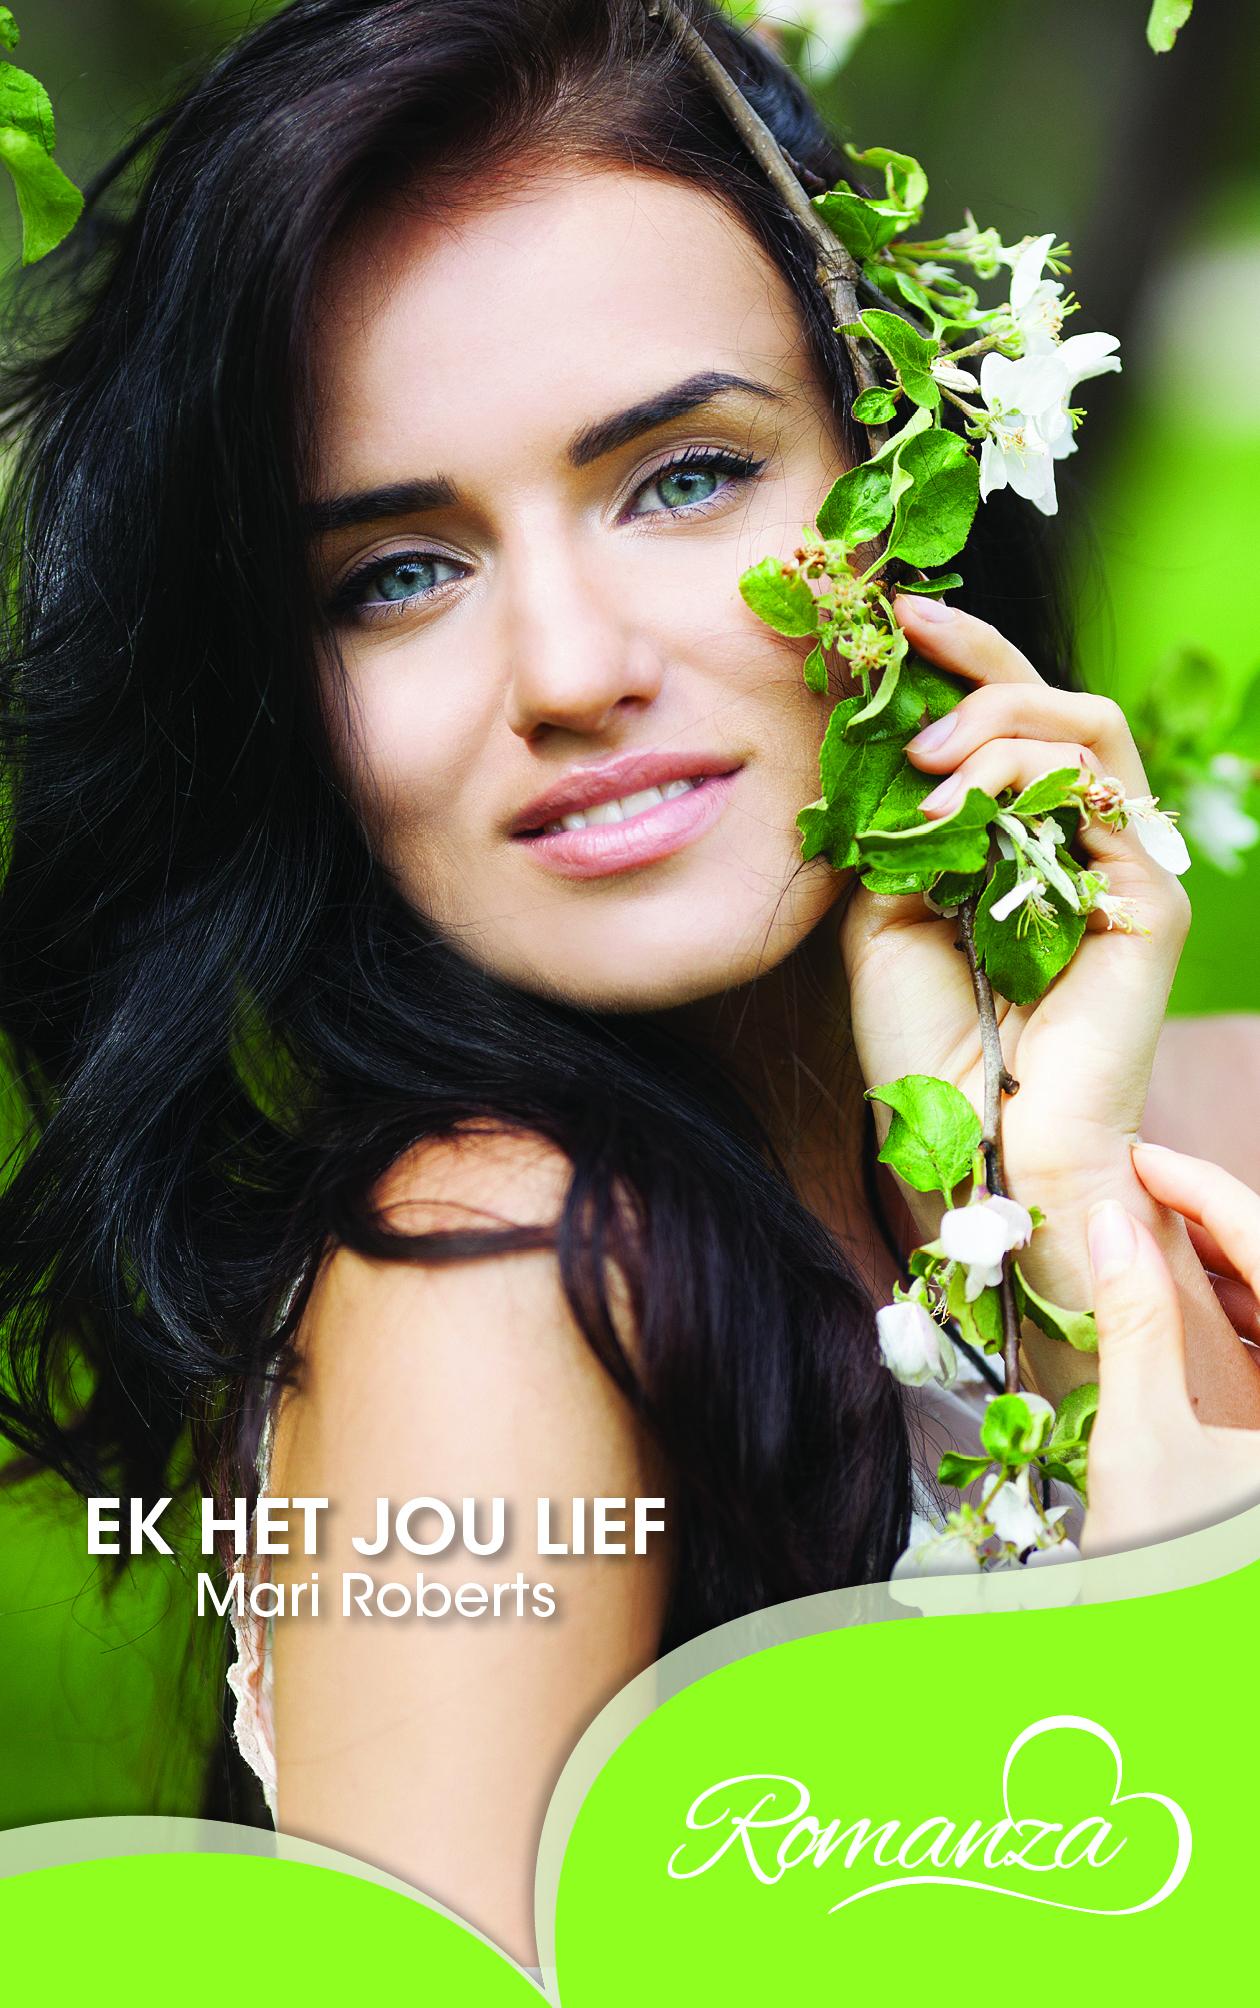 ek-het-jou-lief_voorblad-high-res